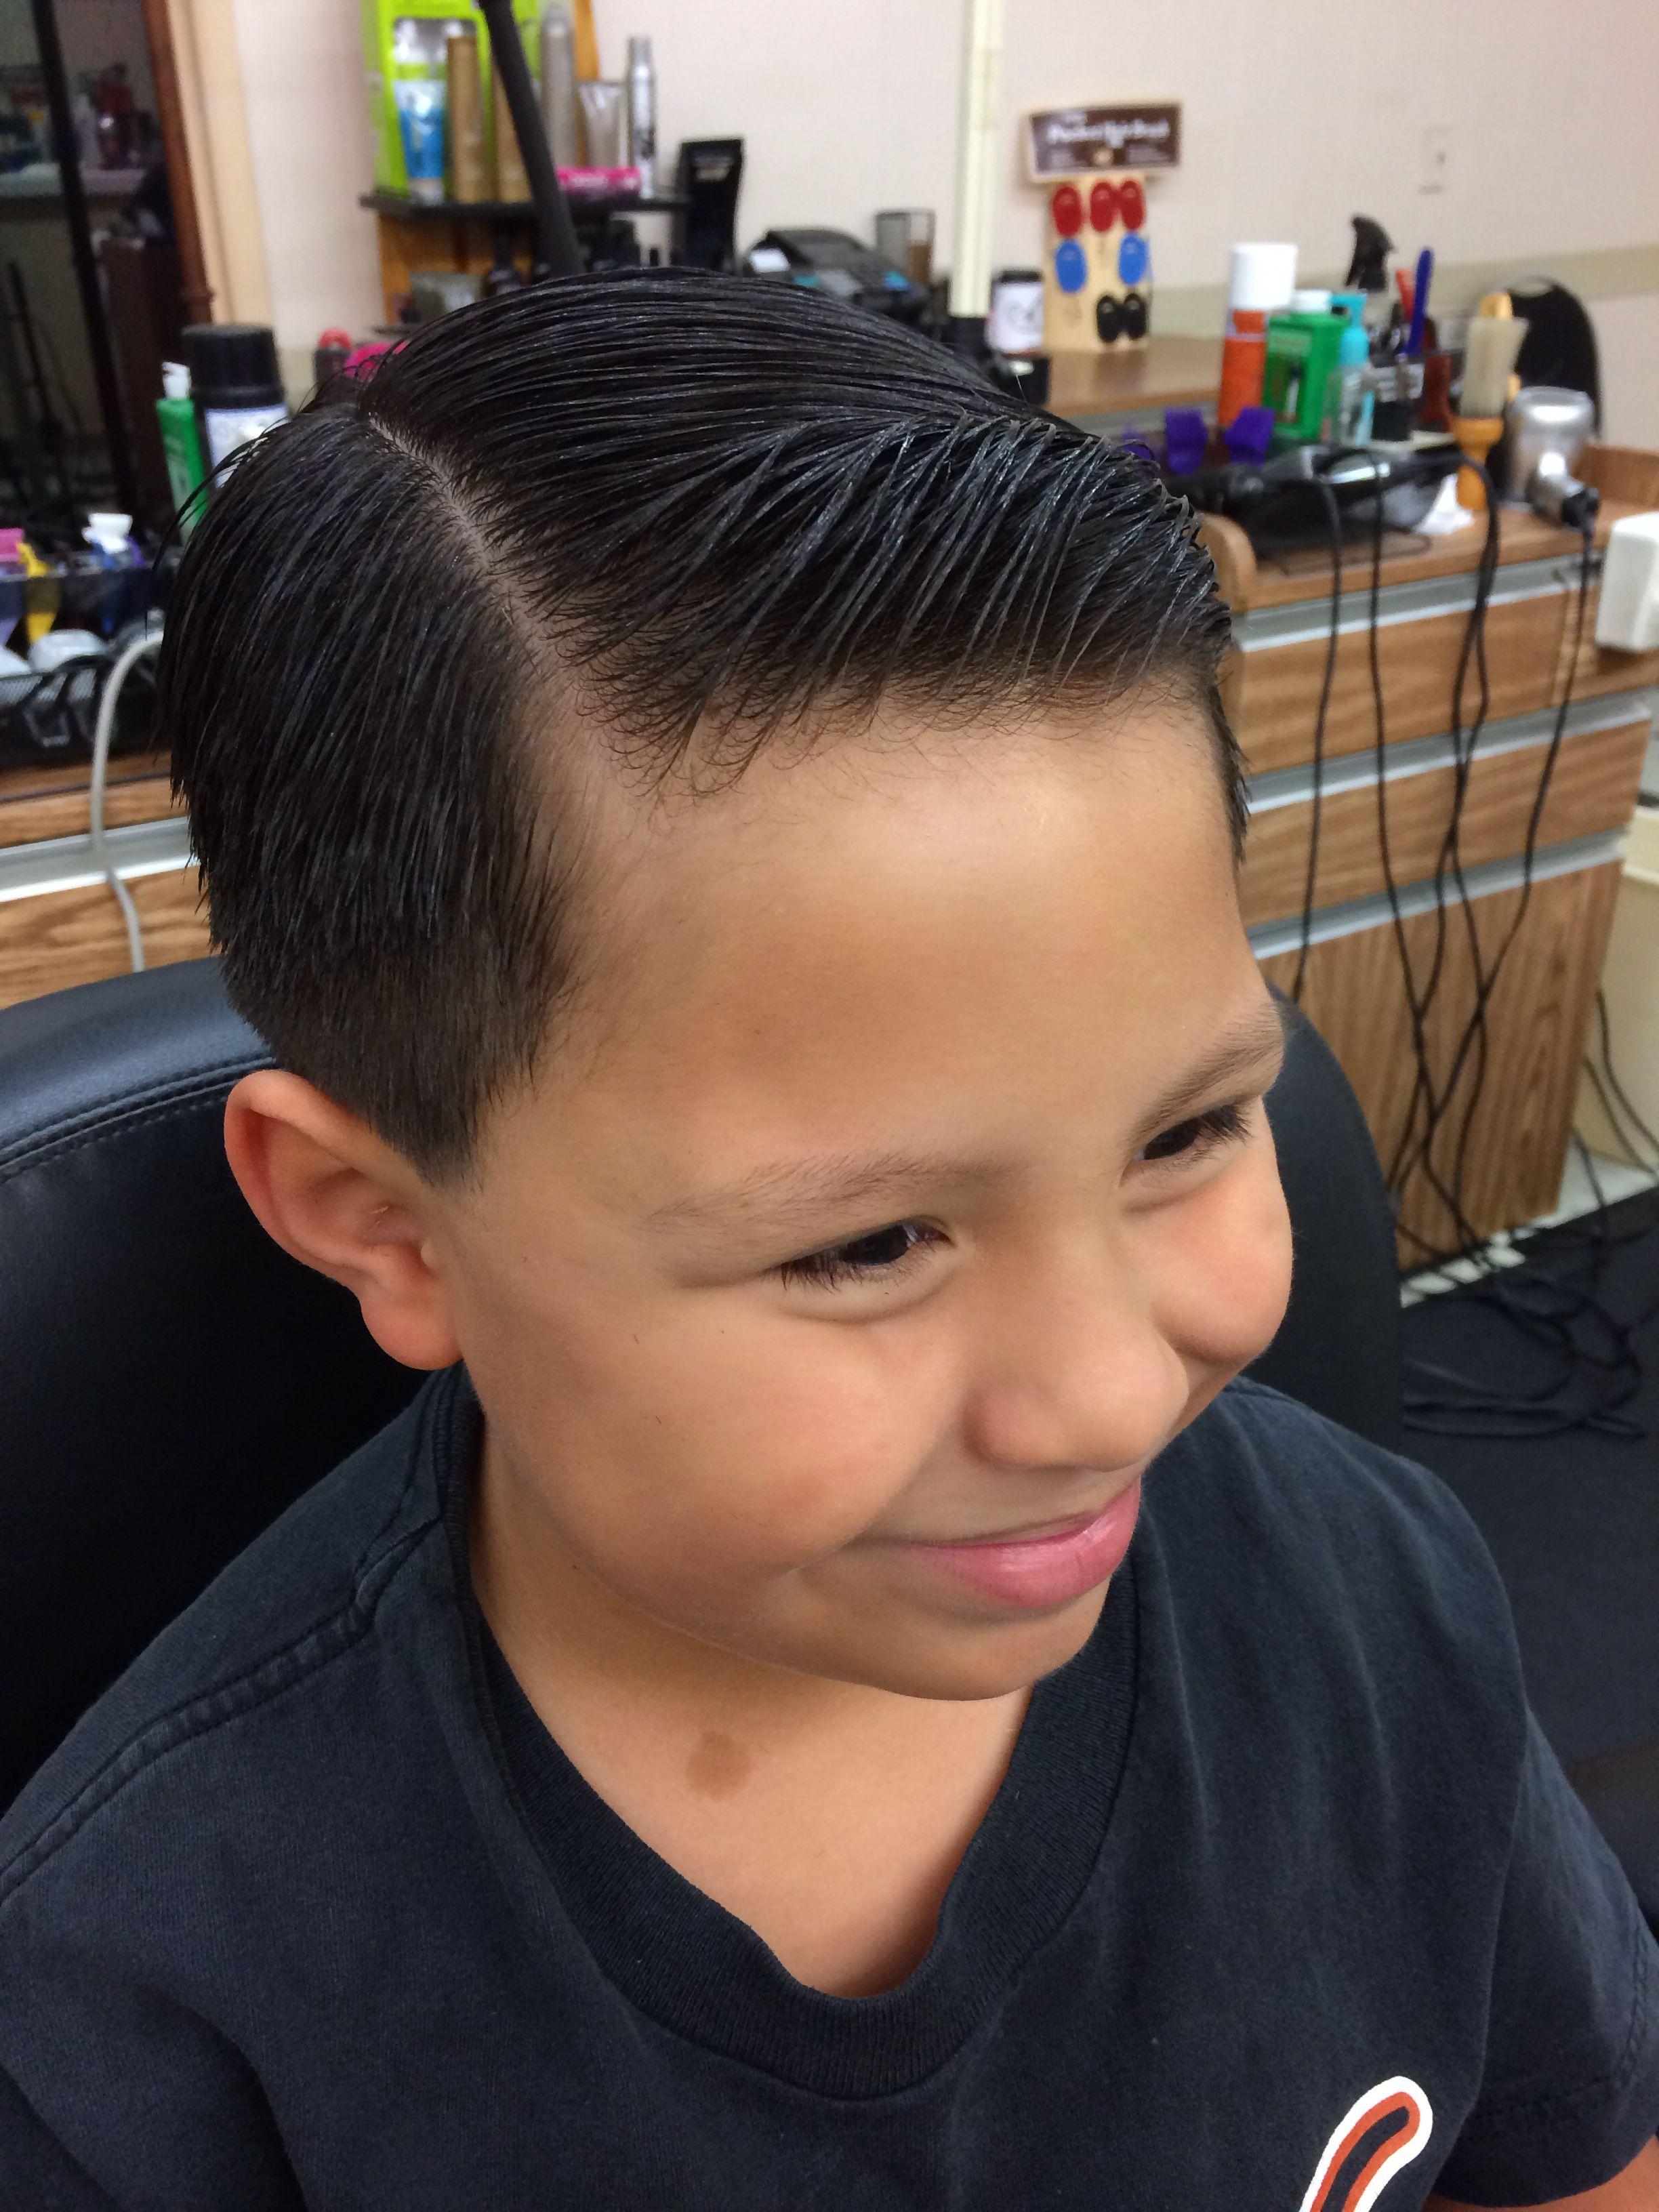 Little Boys Haircut Barber Shop Pinterest Haircuts Boy Hair